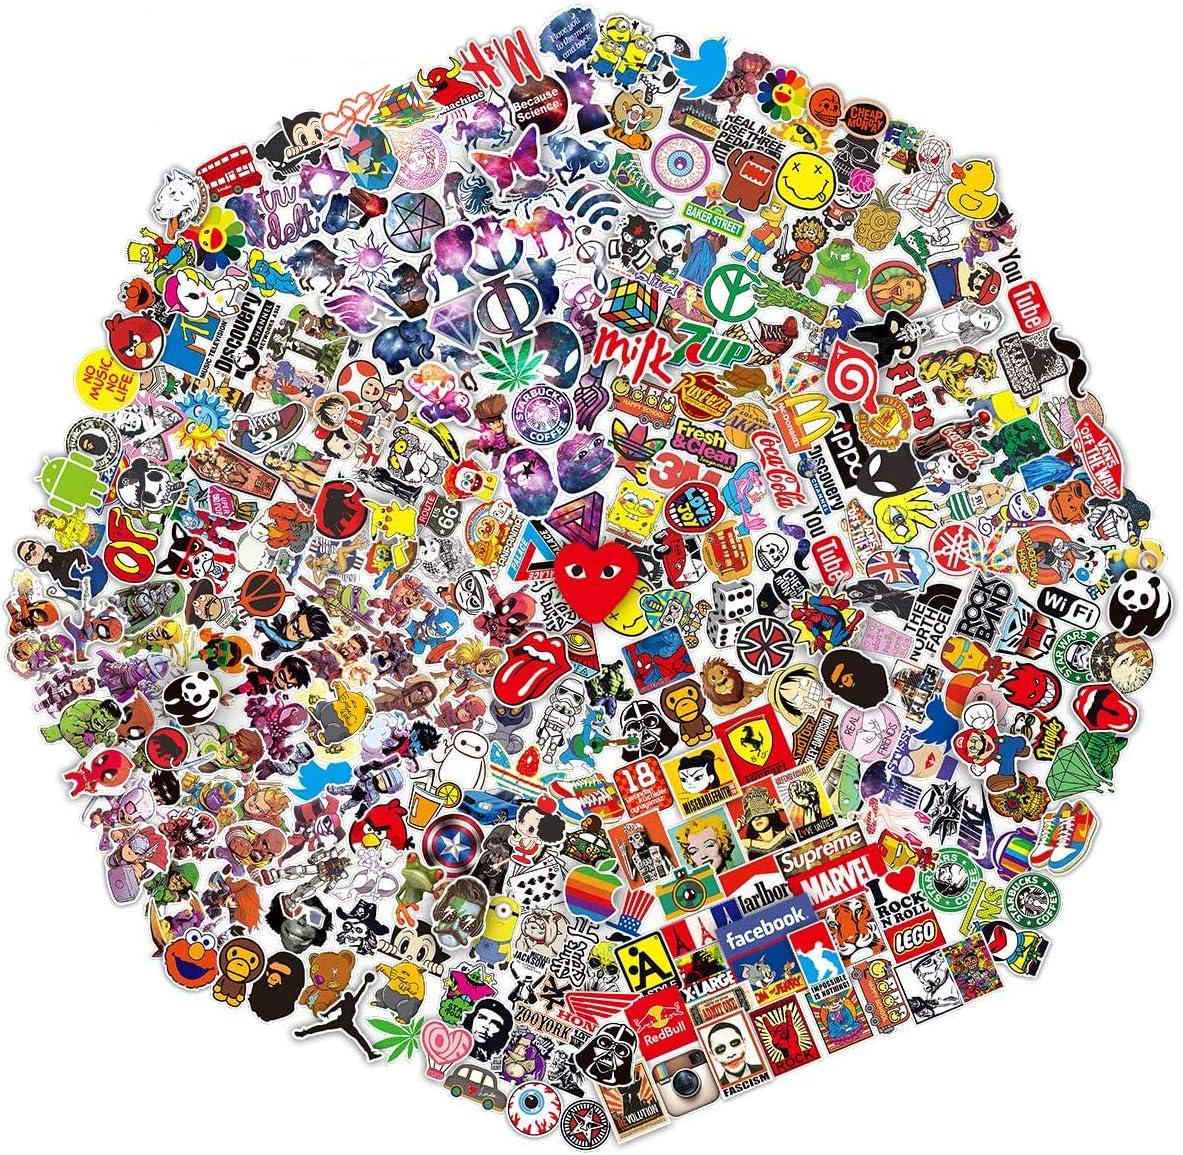 M/ädchen Kinder Aethetic Aufkleber Vinyl wasserdicht Jungen Aufkleber 35 PCS Cute VSCO Aufkleber f/ür Laptop T/ür Belohnung Sticker f/ür Kinder Wasserflasche Telefon Pad Auto Skateboard blauer